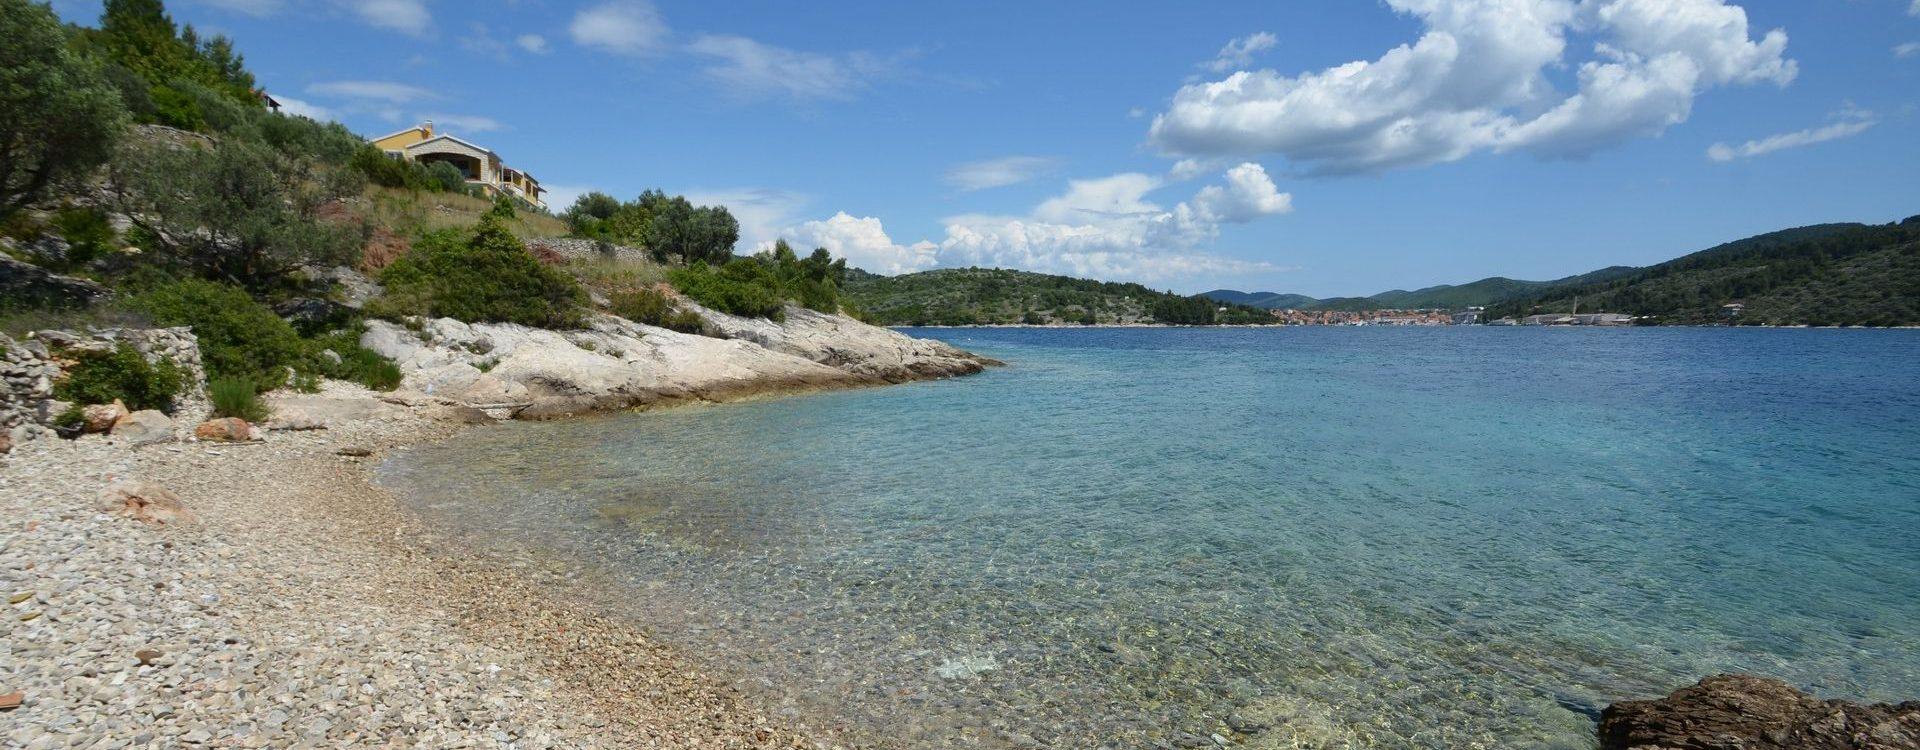 Kuća za odmor pored Vele Luke na osami uz more i slikovite plaže